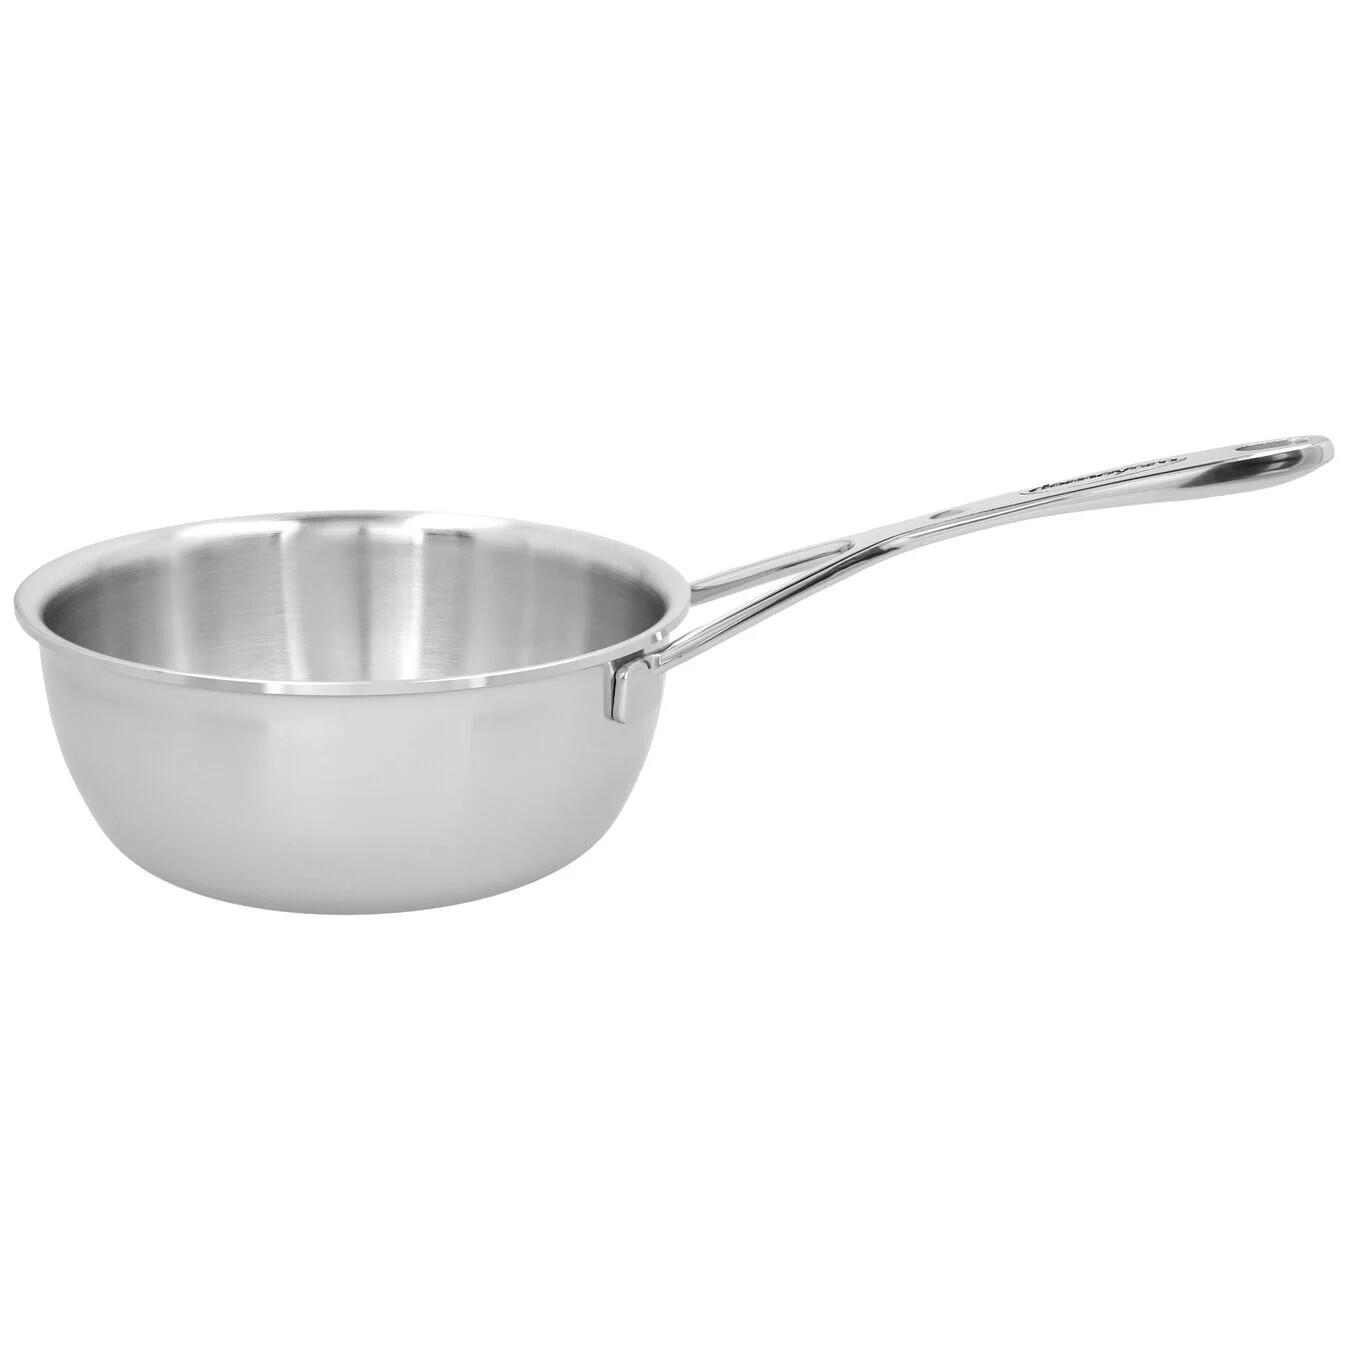 DEMEYERE 'silver 7' conische sauteuse 18cm / 1,5L